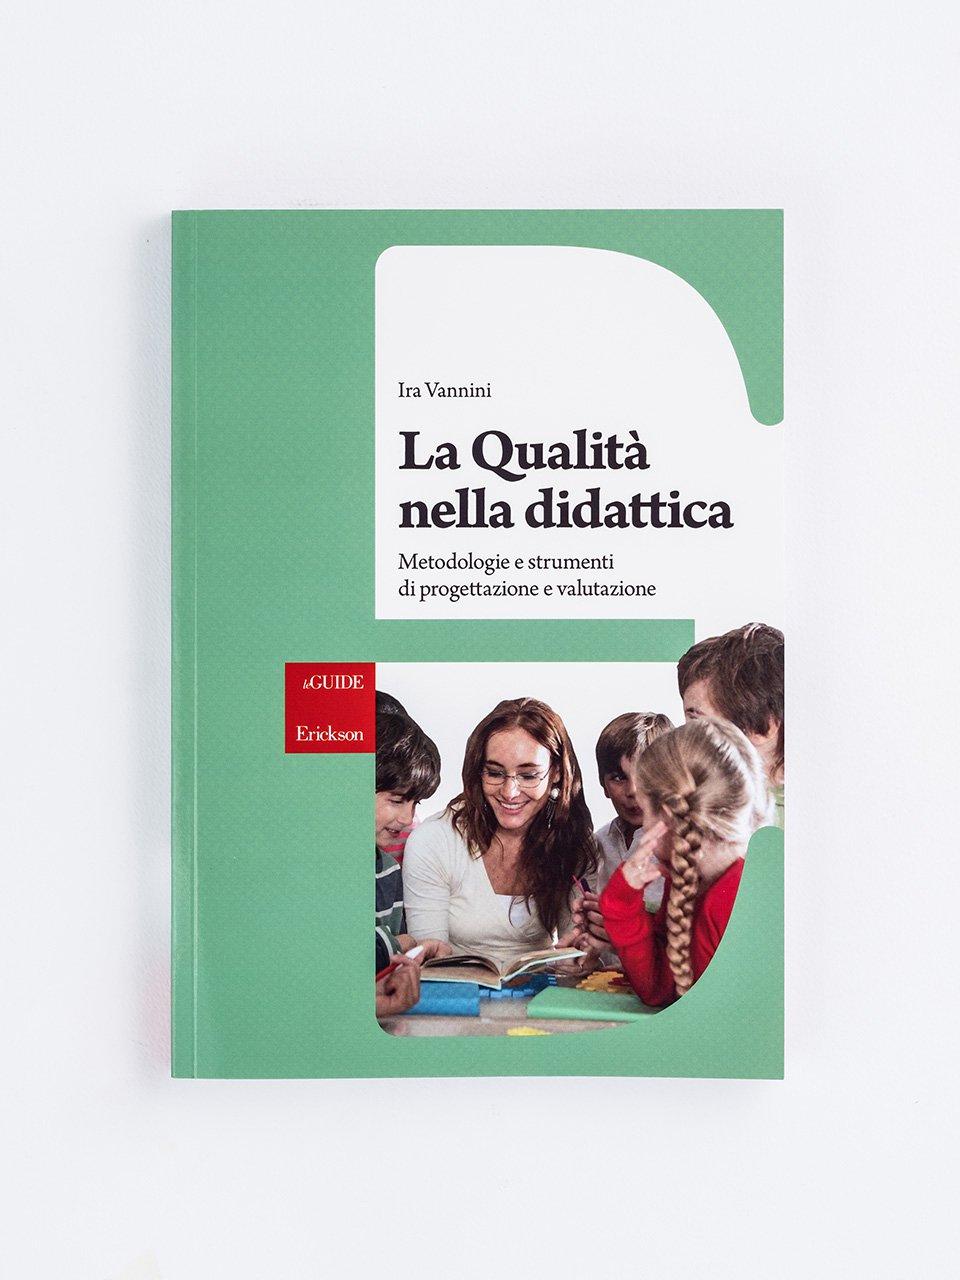 La Qualità nella didattica - La scuola nel bosco - Libri - Erickson